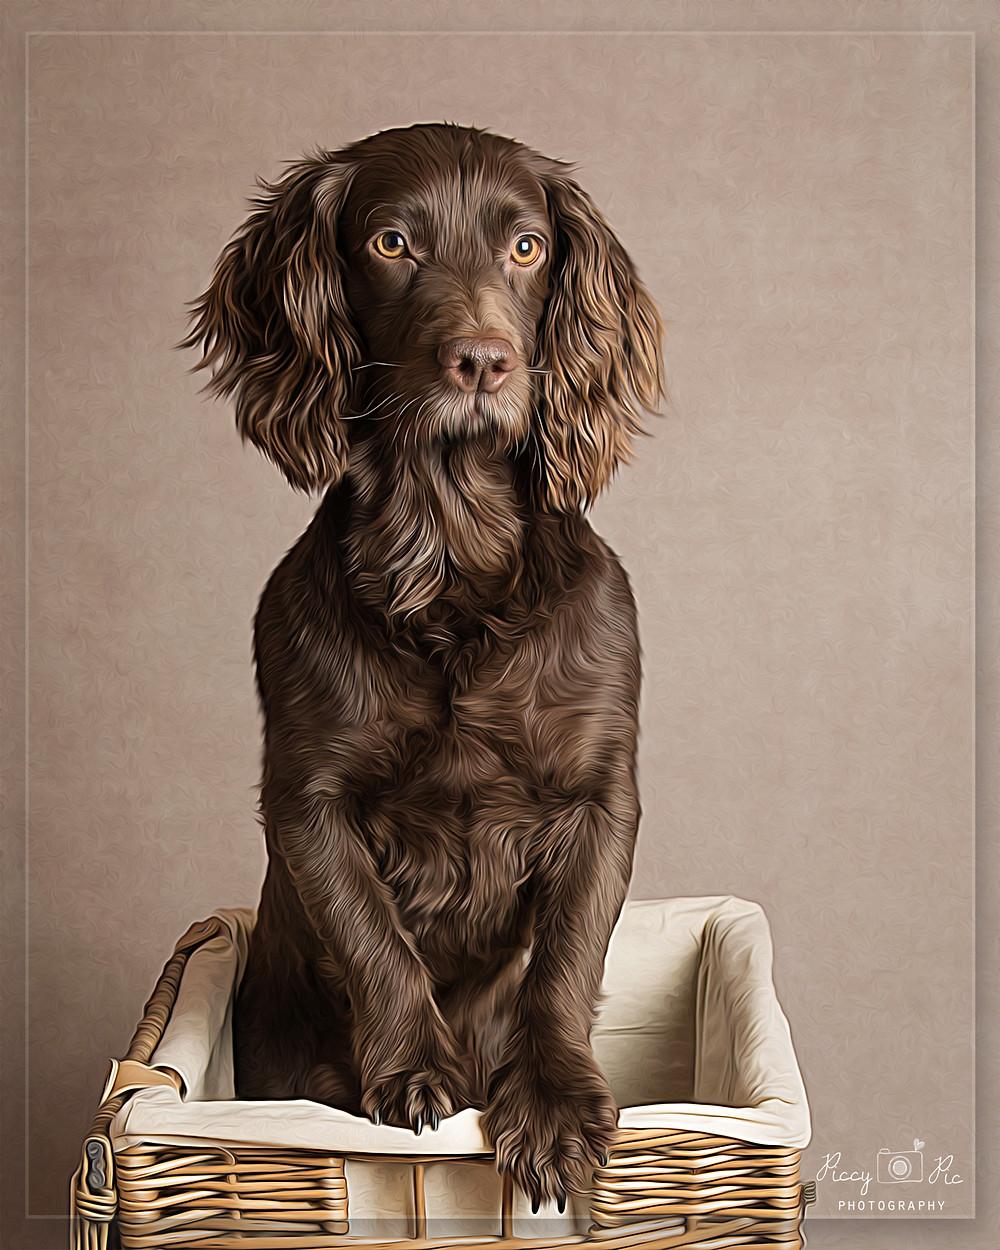 Dog Photo Crowborough